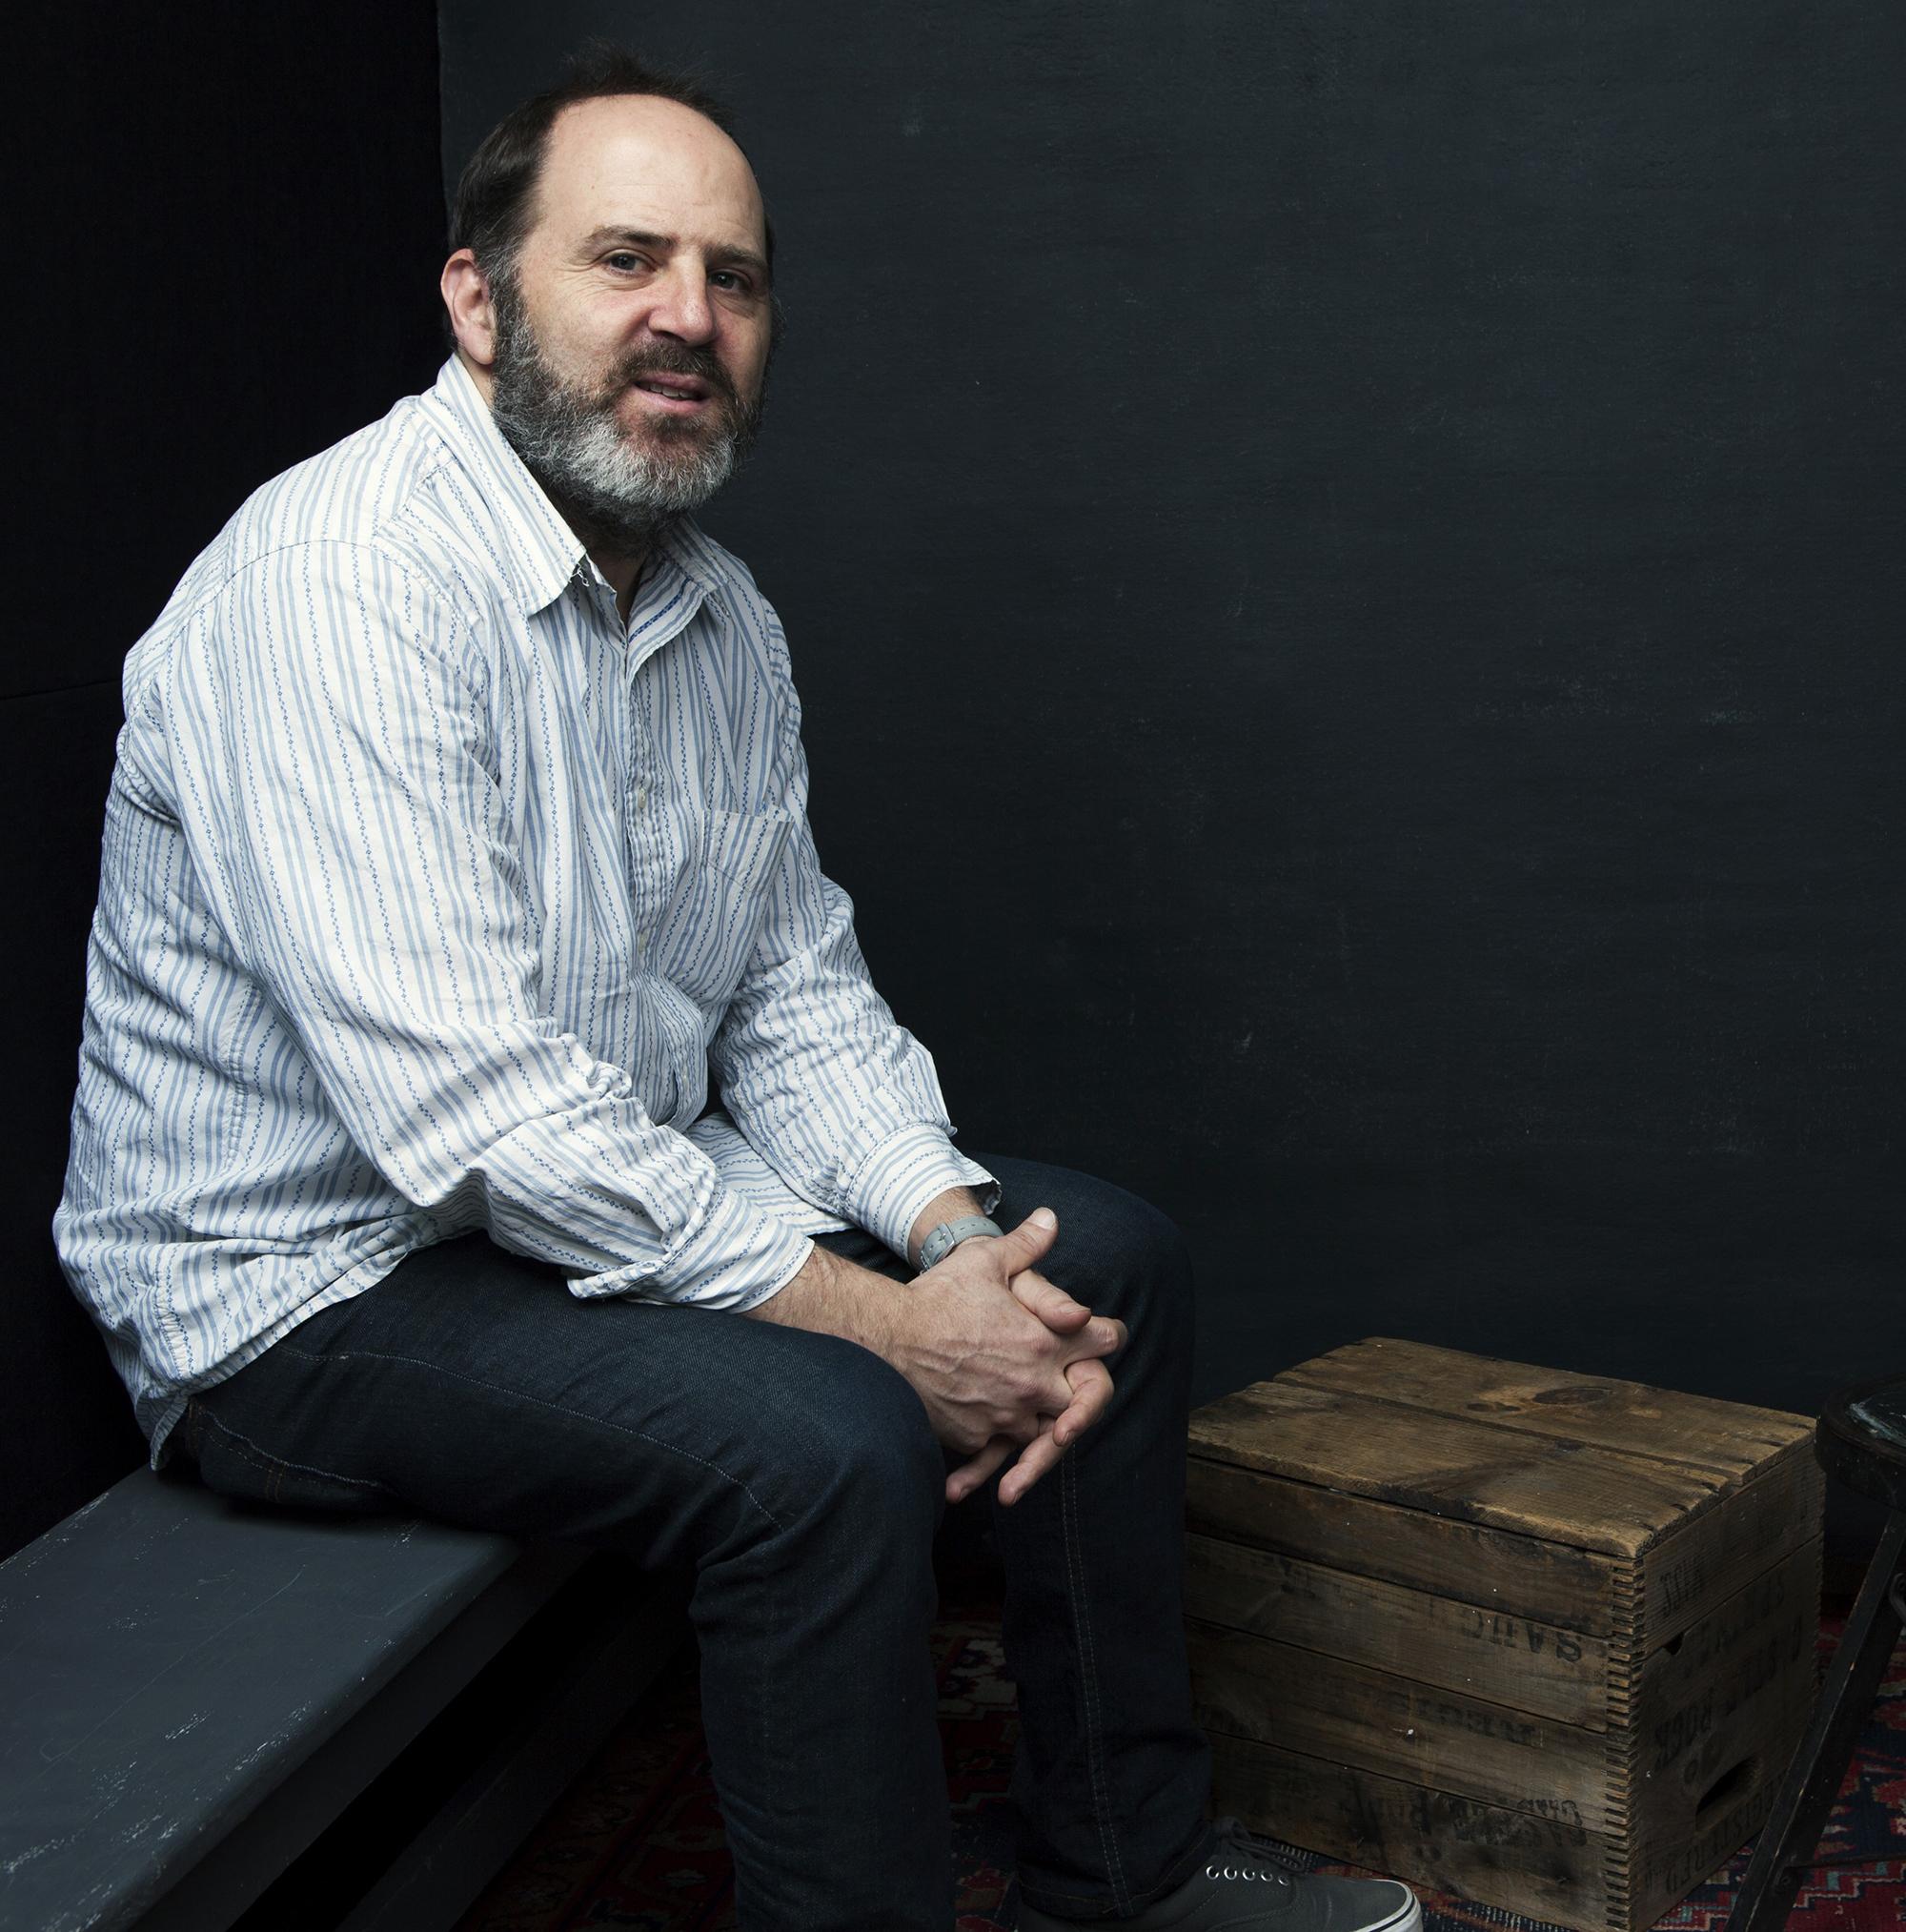 Il regista Keith Miller sul set del suo film Five Star